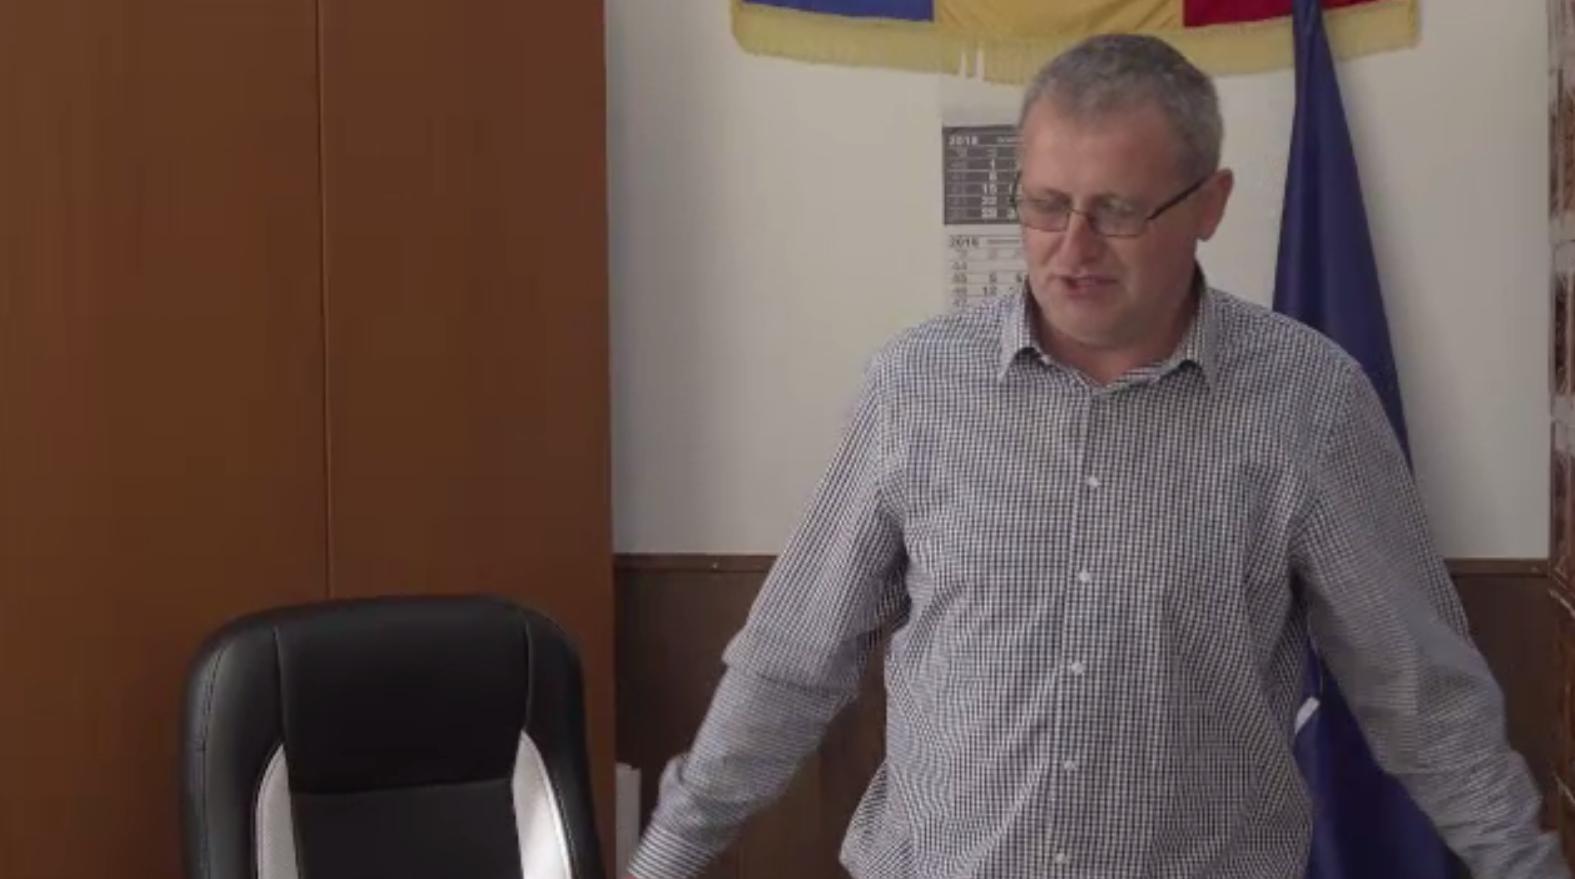 Primarul acuzat de act sexual cu o minoră, trimis în judecată. Cum se apără edilul